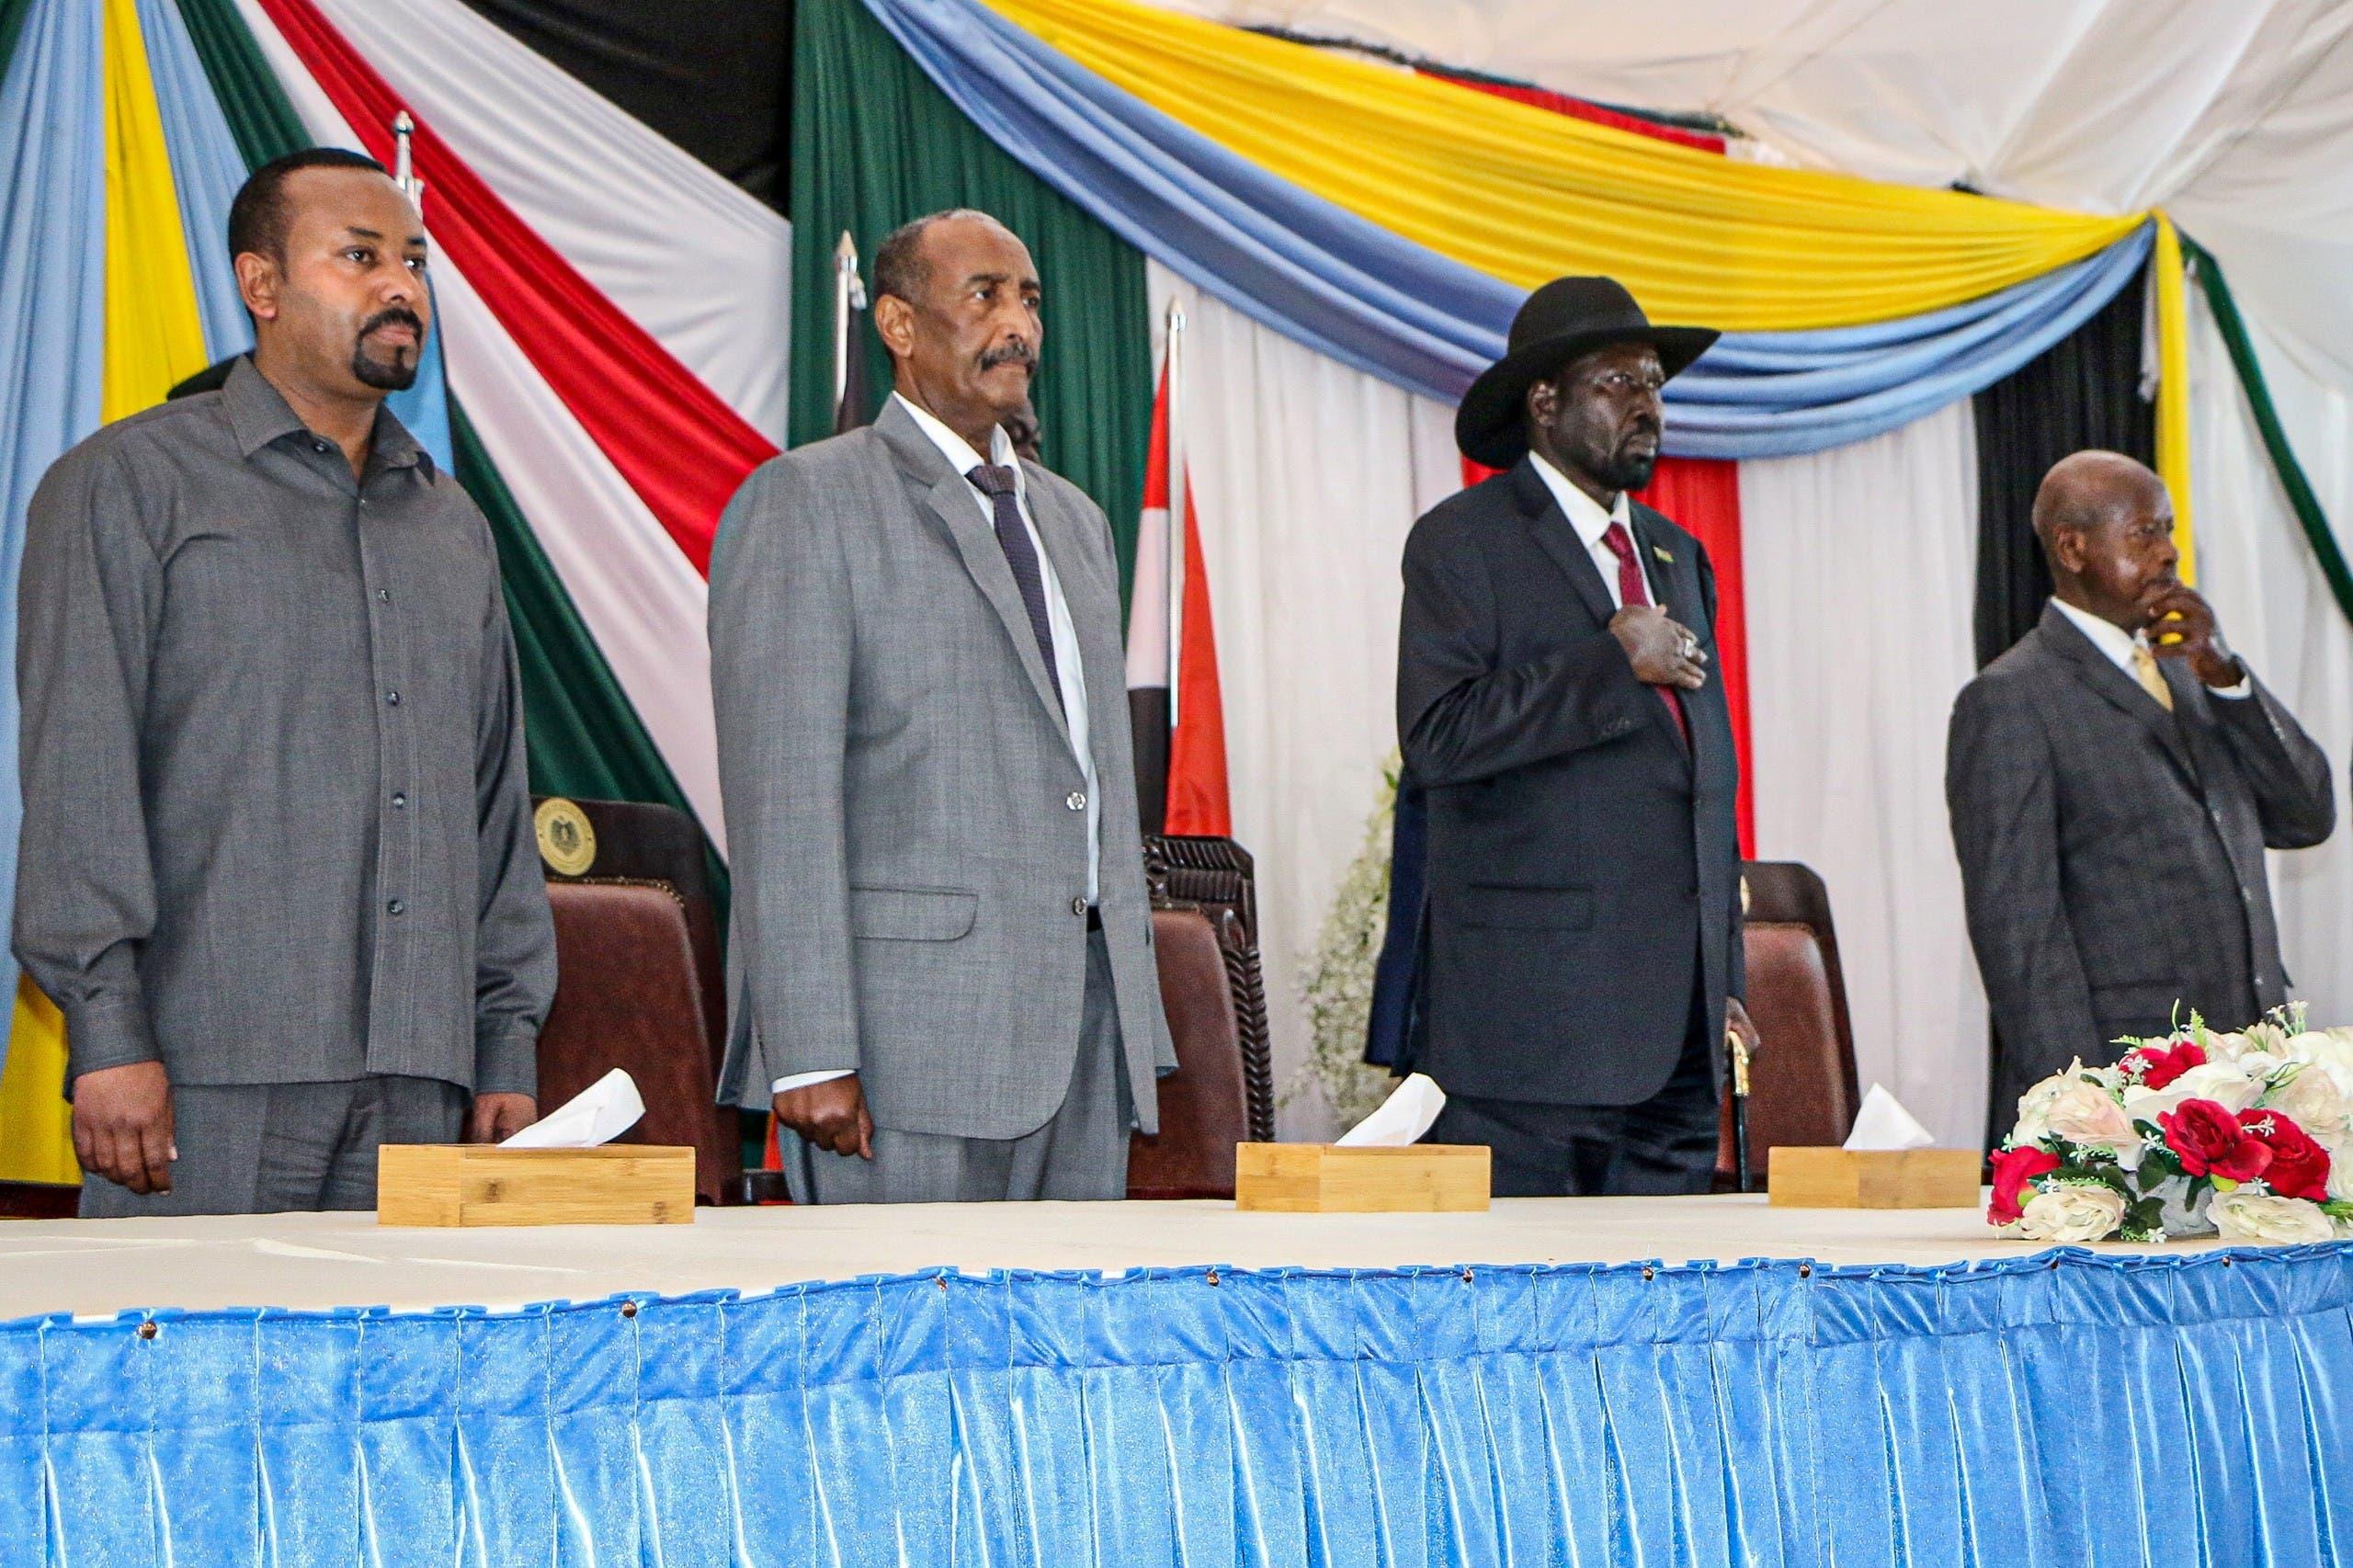 الرئيس الأوغندي ورئيس جنوب السودان ورئيس المجلس السيادي الانتقالي السوداني ورئيس الوزراء الإثيوبي في جوبا يوم 14 أكتوبر